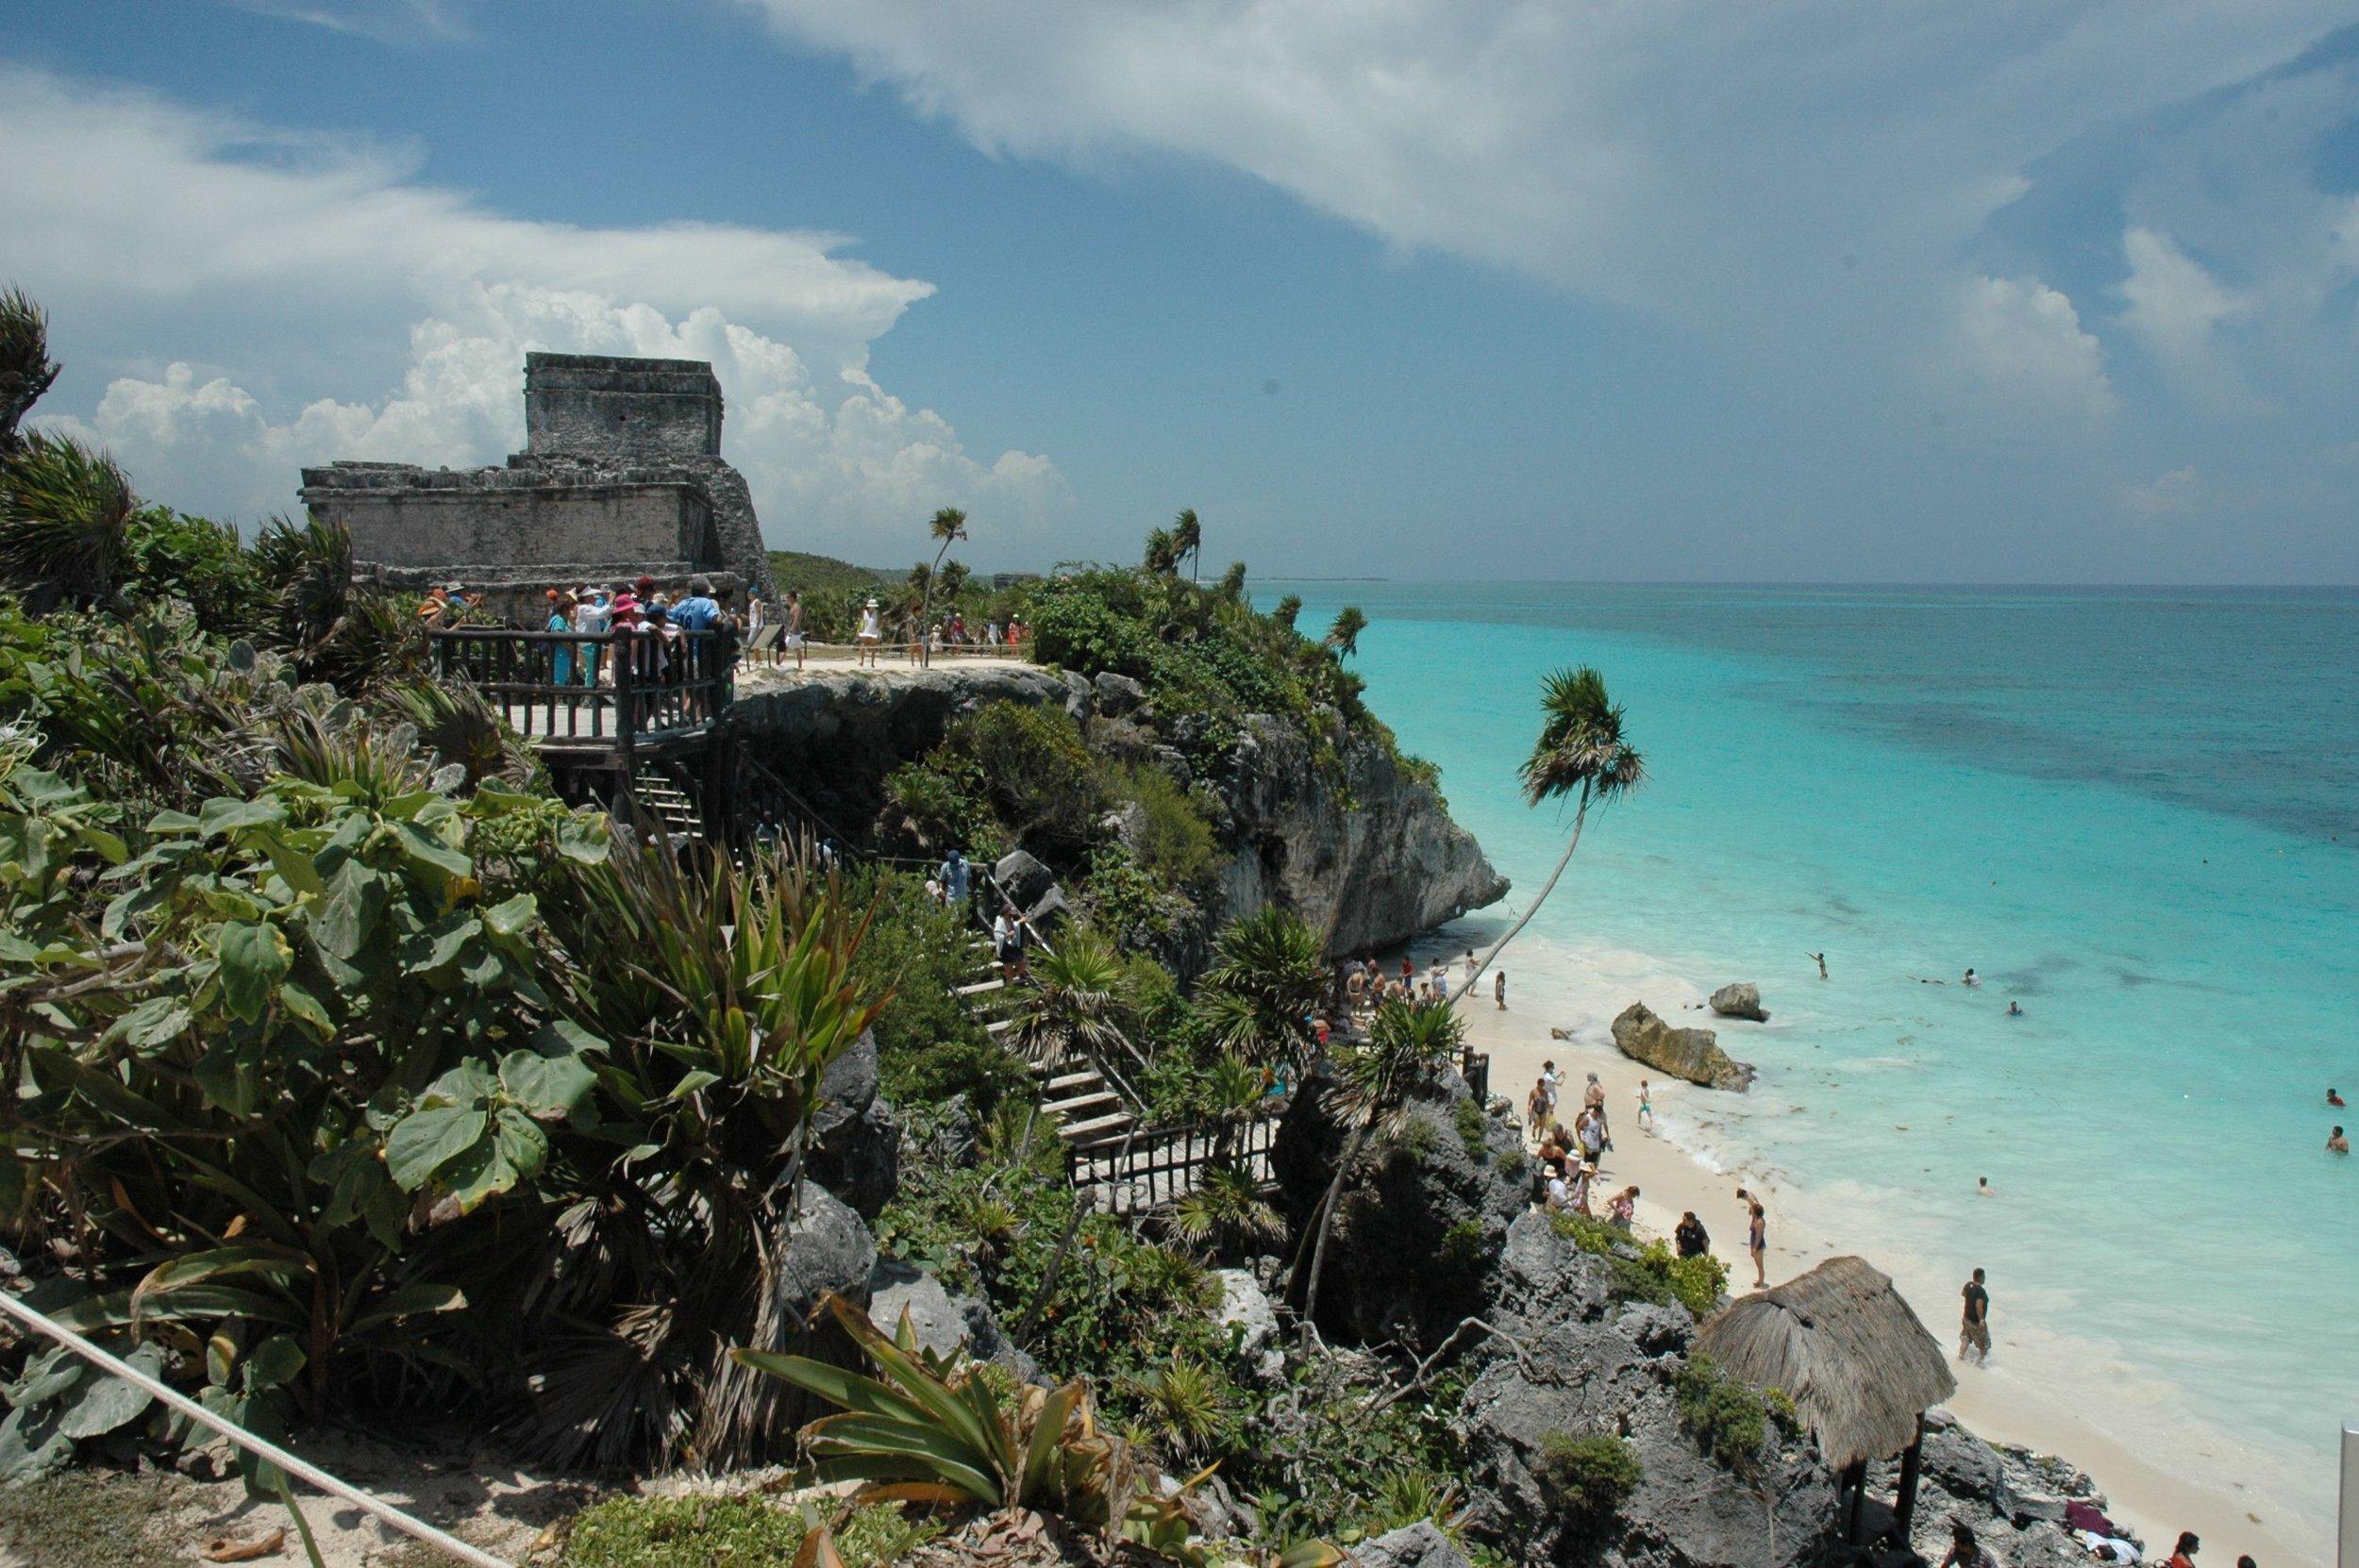 bm tulum beach scene